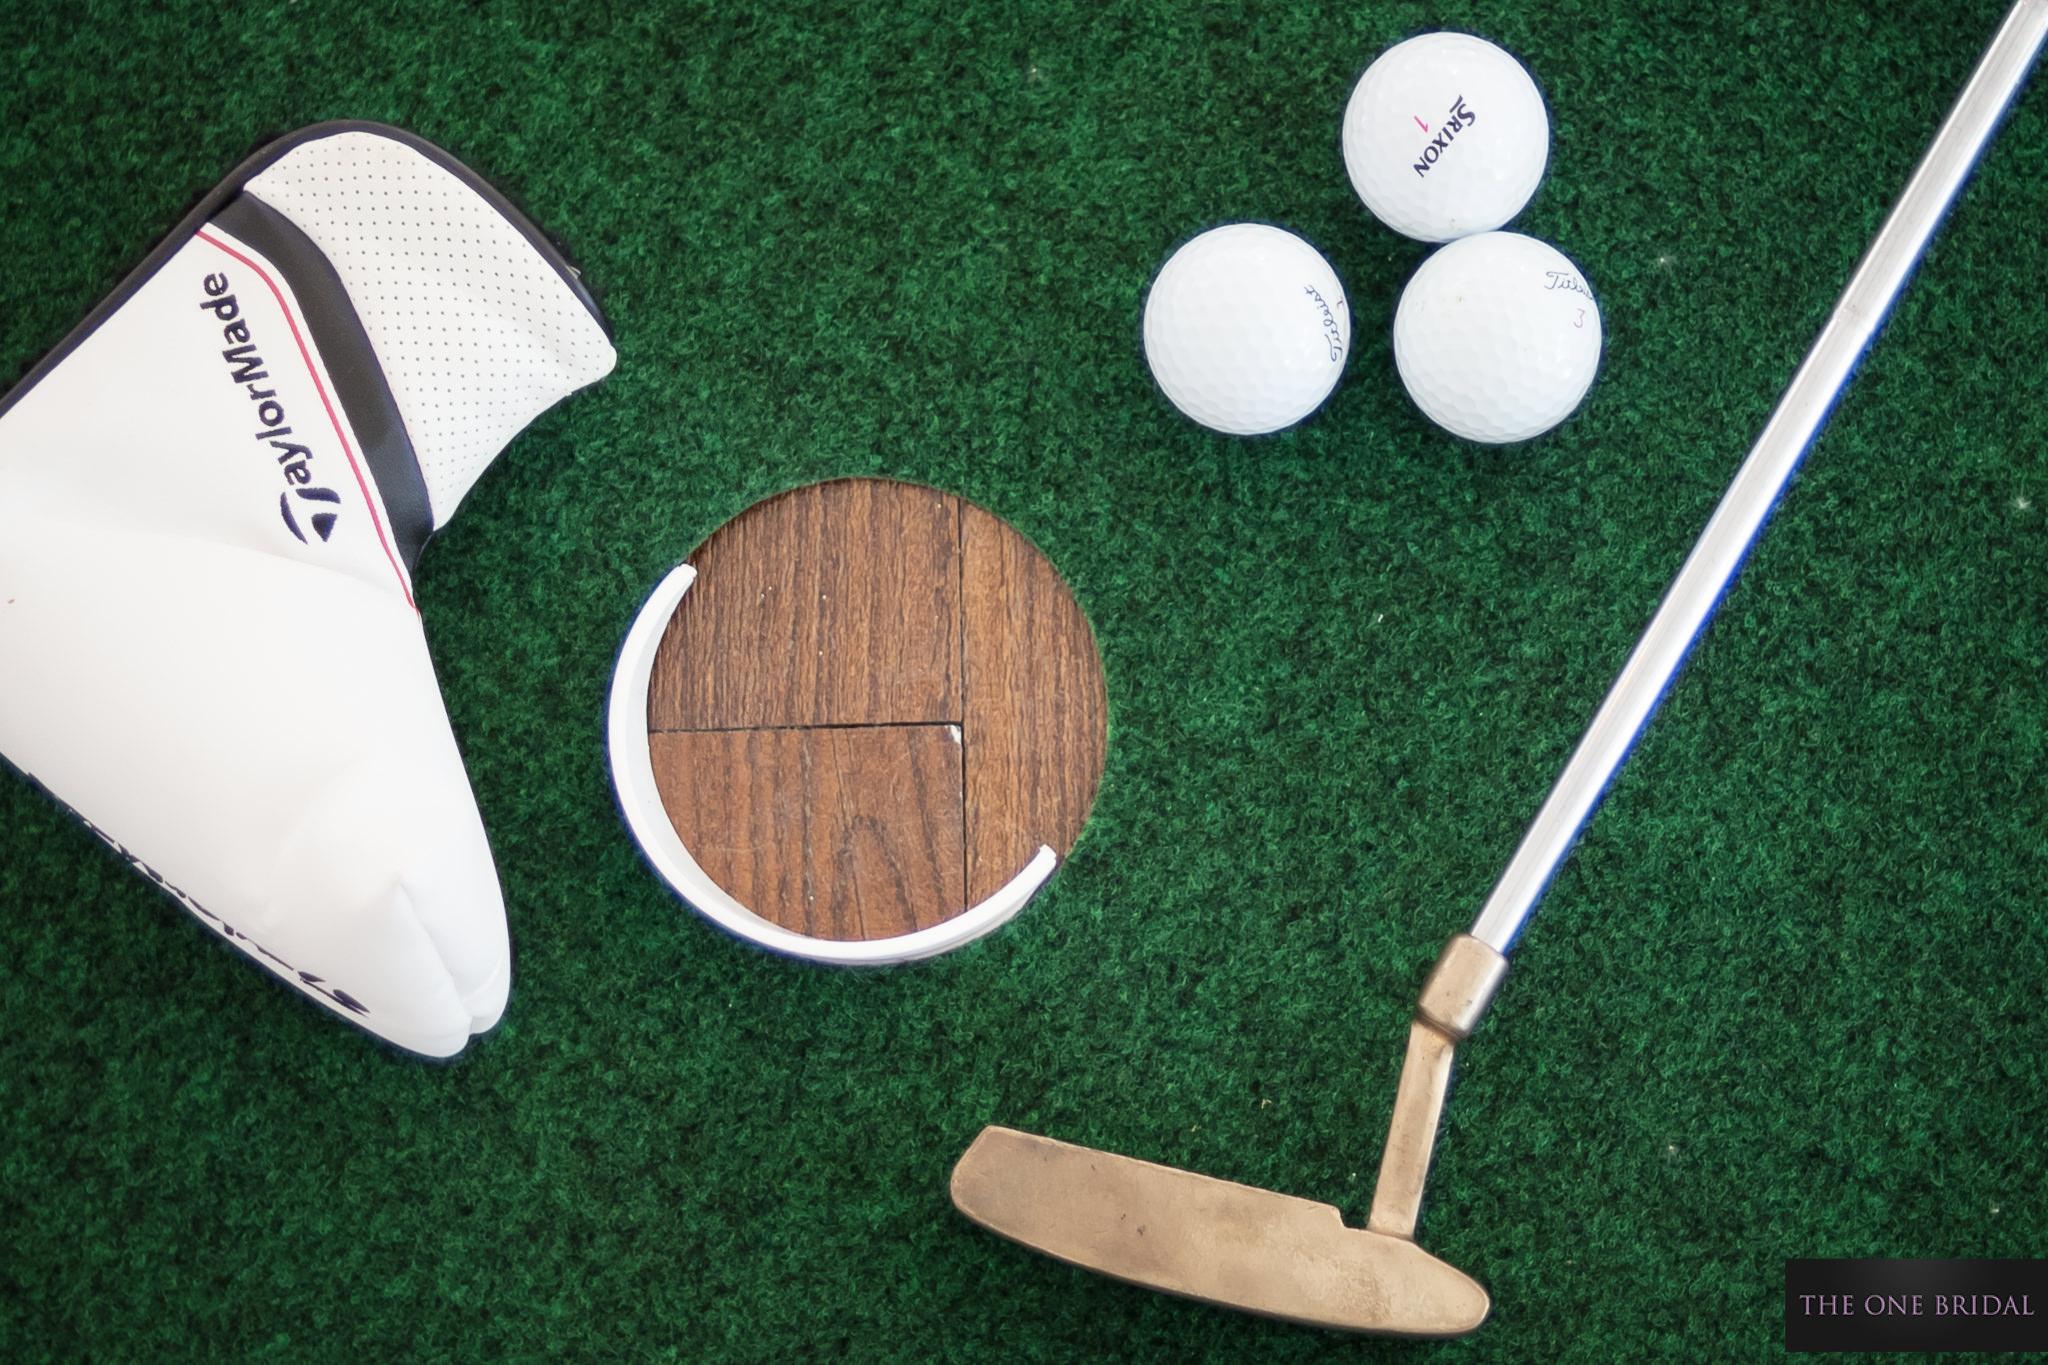 mandarin-golf-club-wedding-markham-the-one-bridal-124